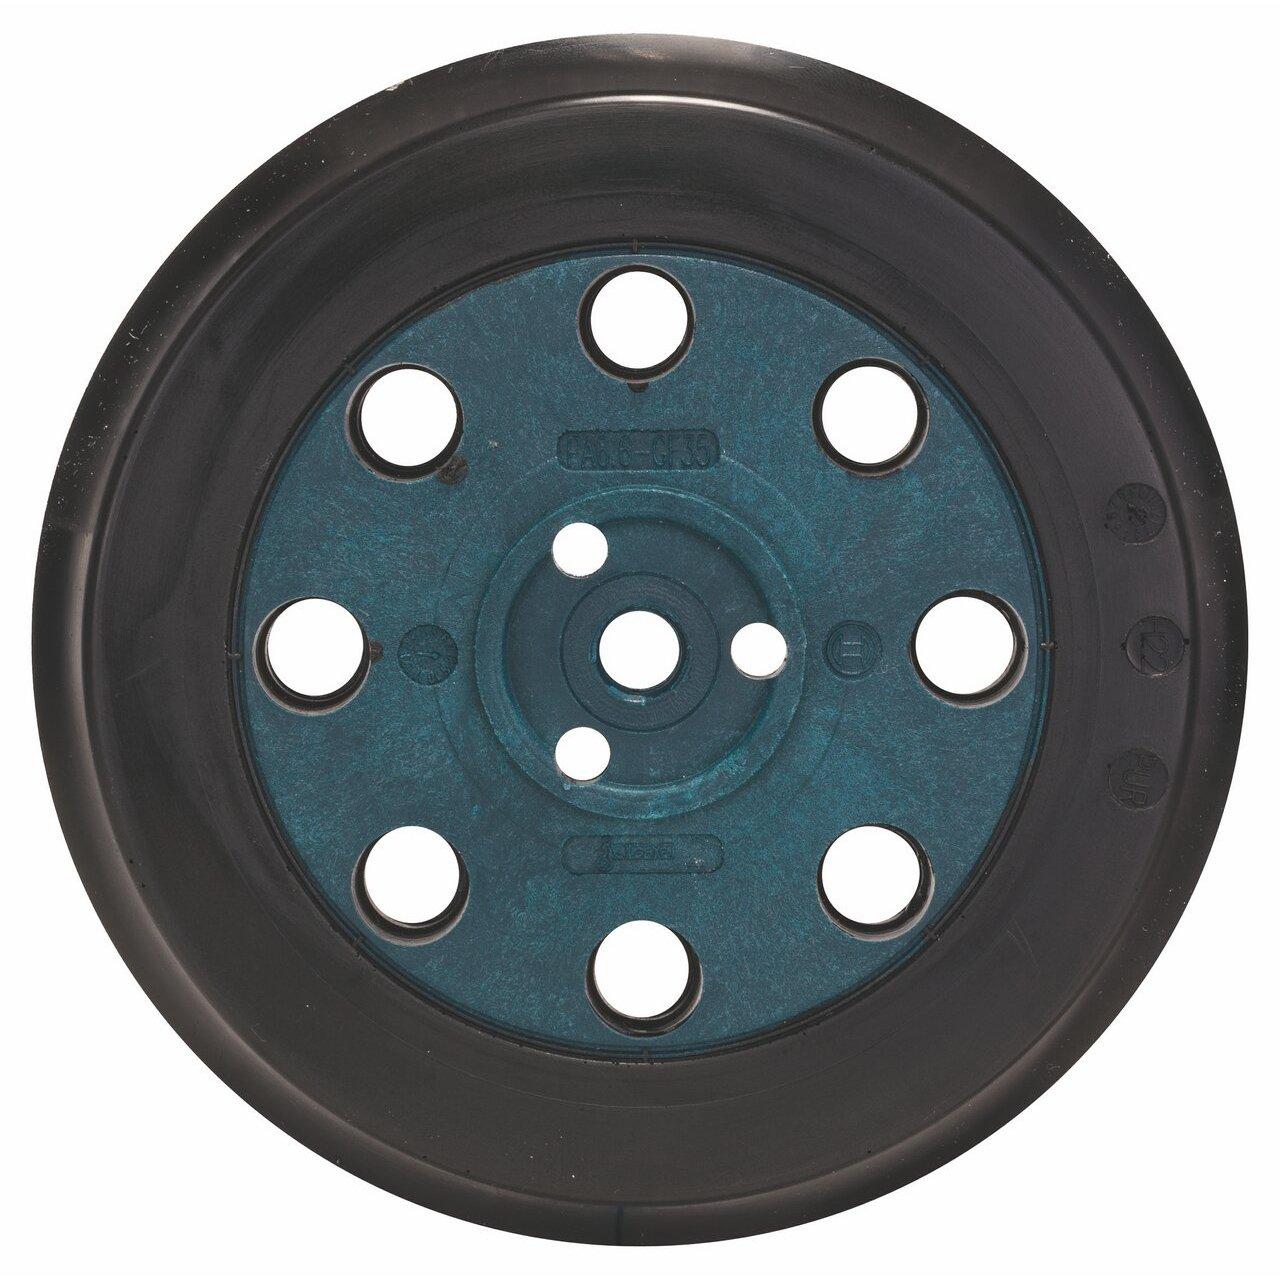 Bosch 2608601062 125mm Sanding Plate for Bosch Random Orbit Sanders - Medium Hard Robert Bosch Limited